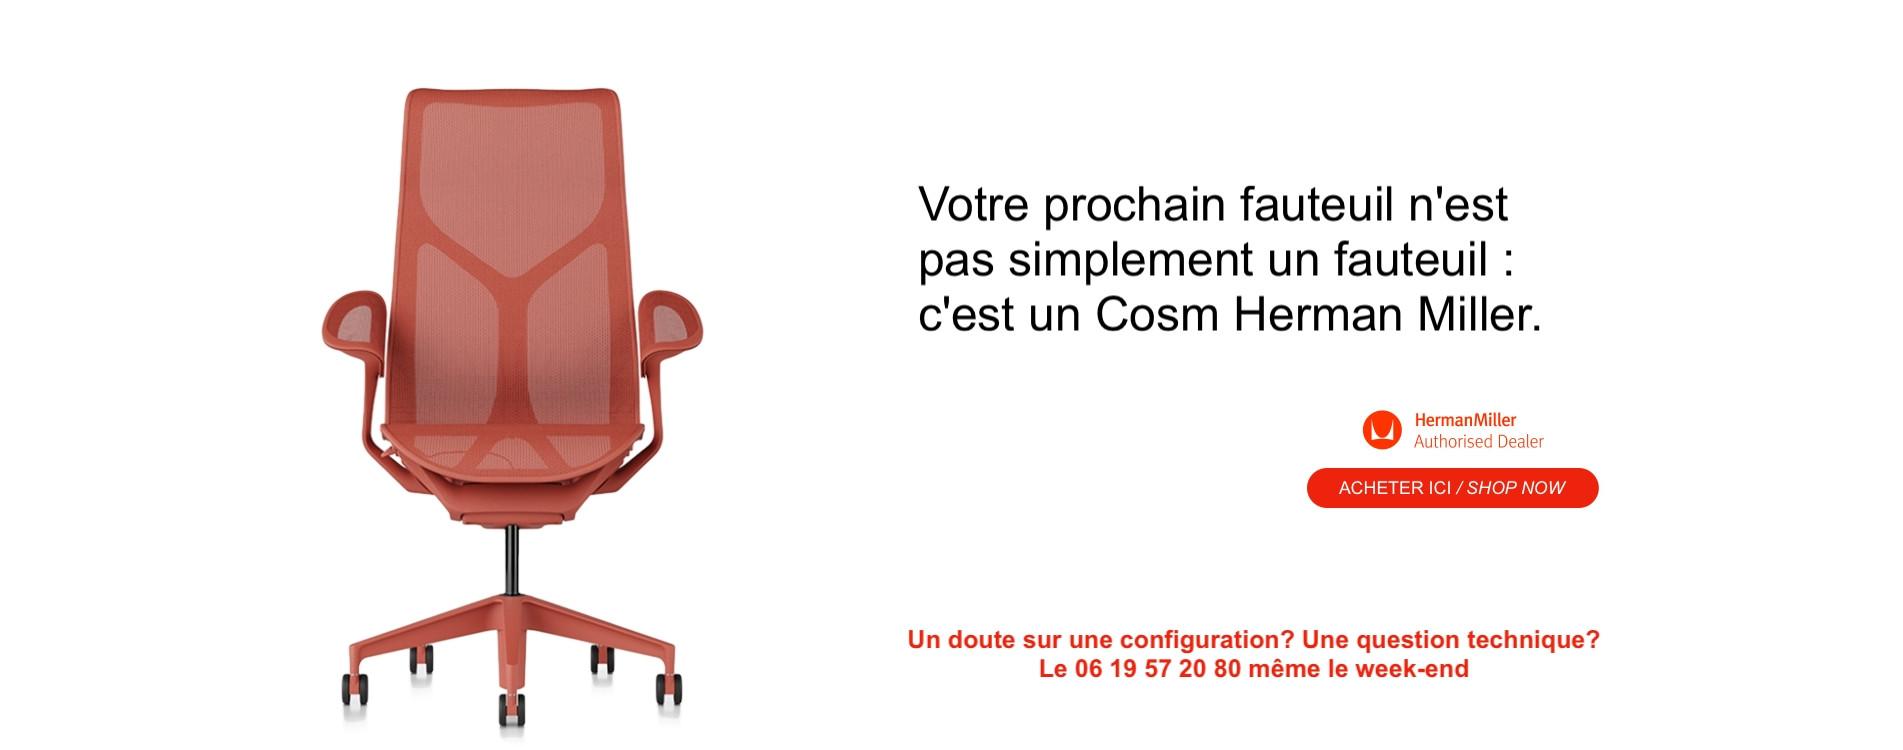 Votre prochain fauteuil est un Cosm Herman Miller